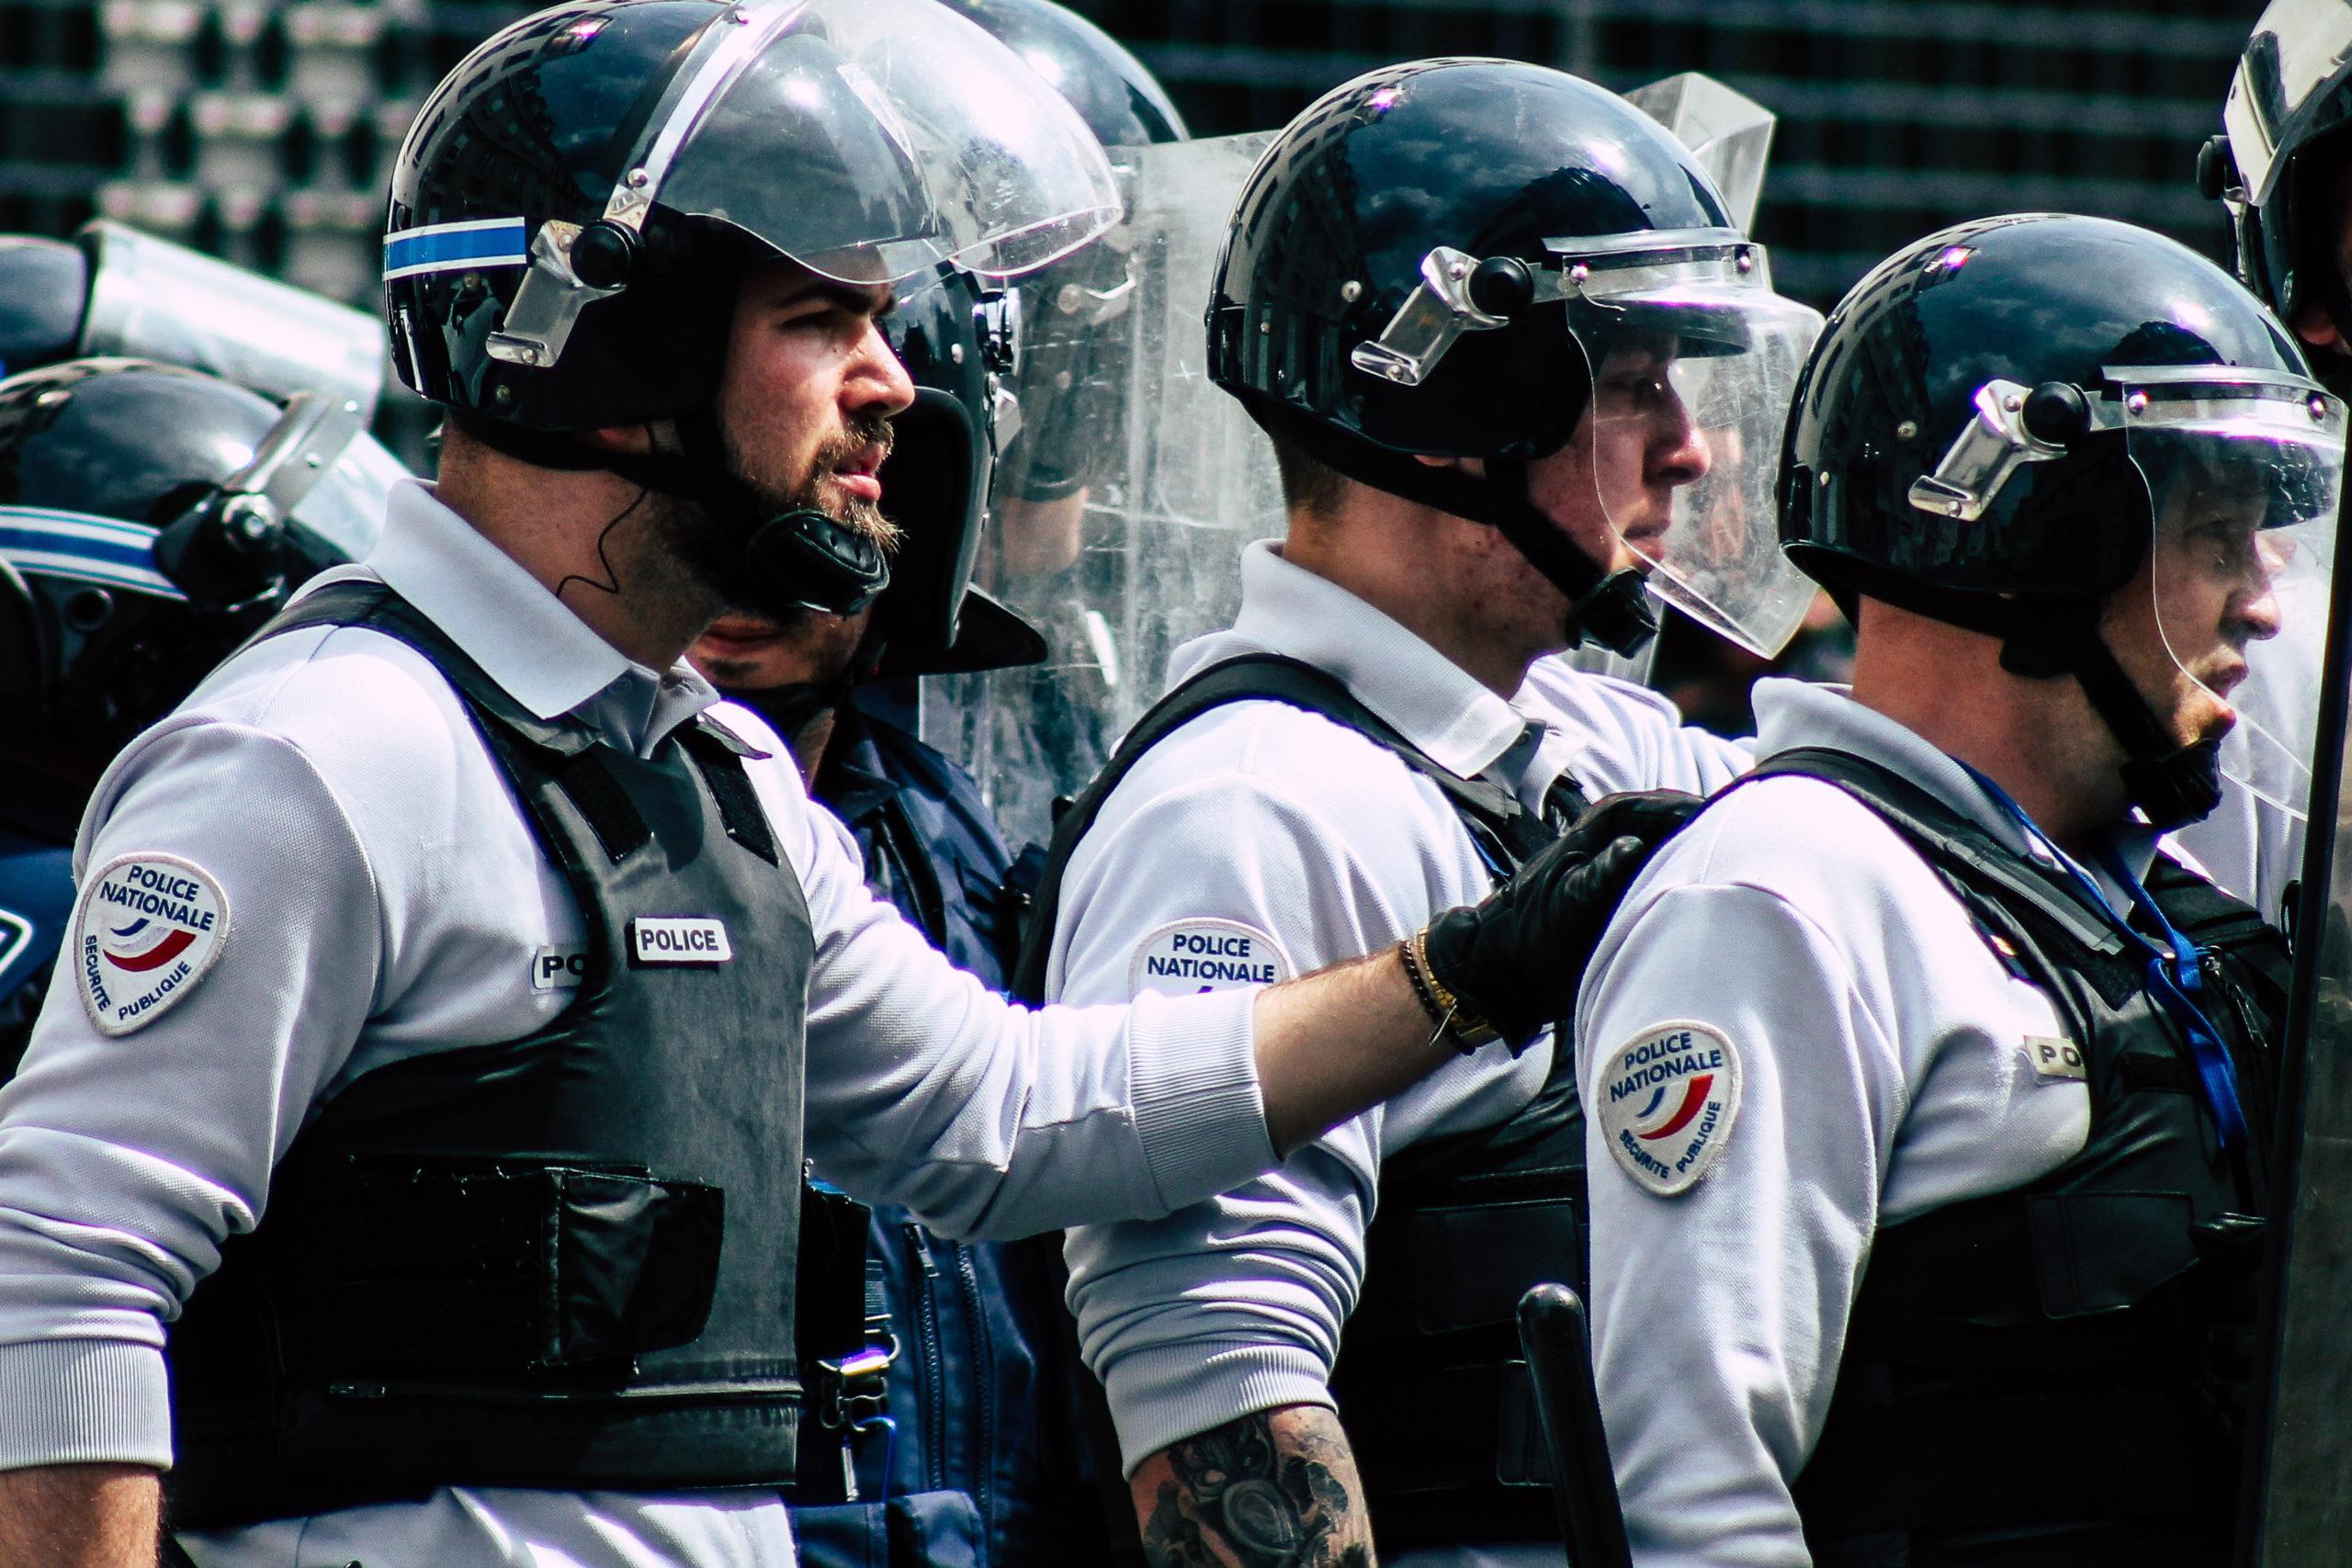 Quelle justice pour les victimes de violences policières ?  interroge une ONG chrétienne